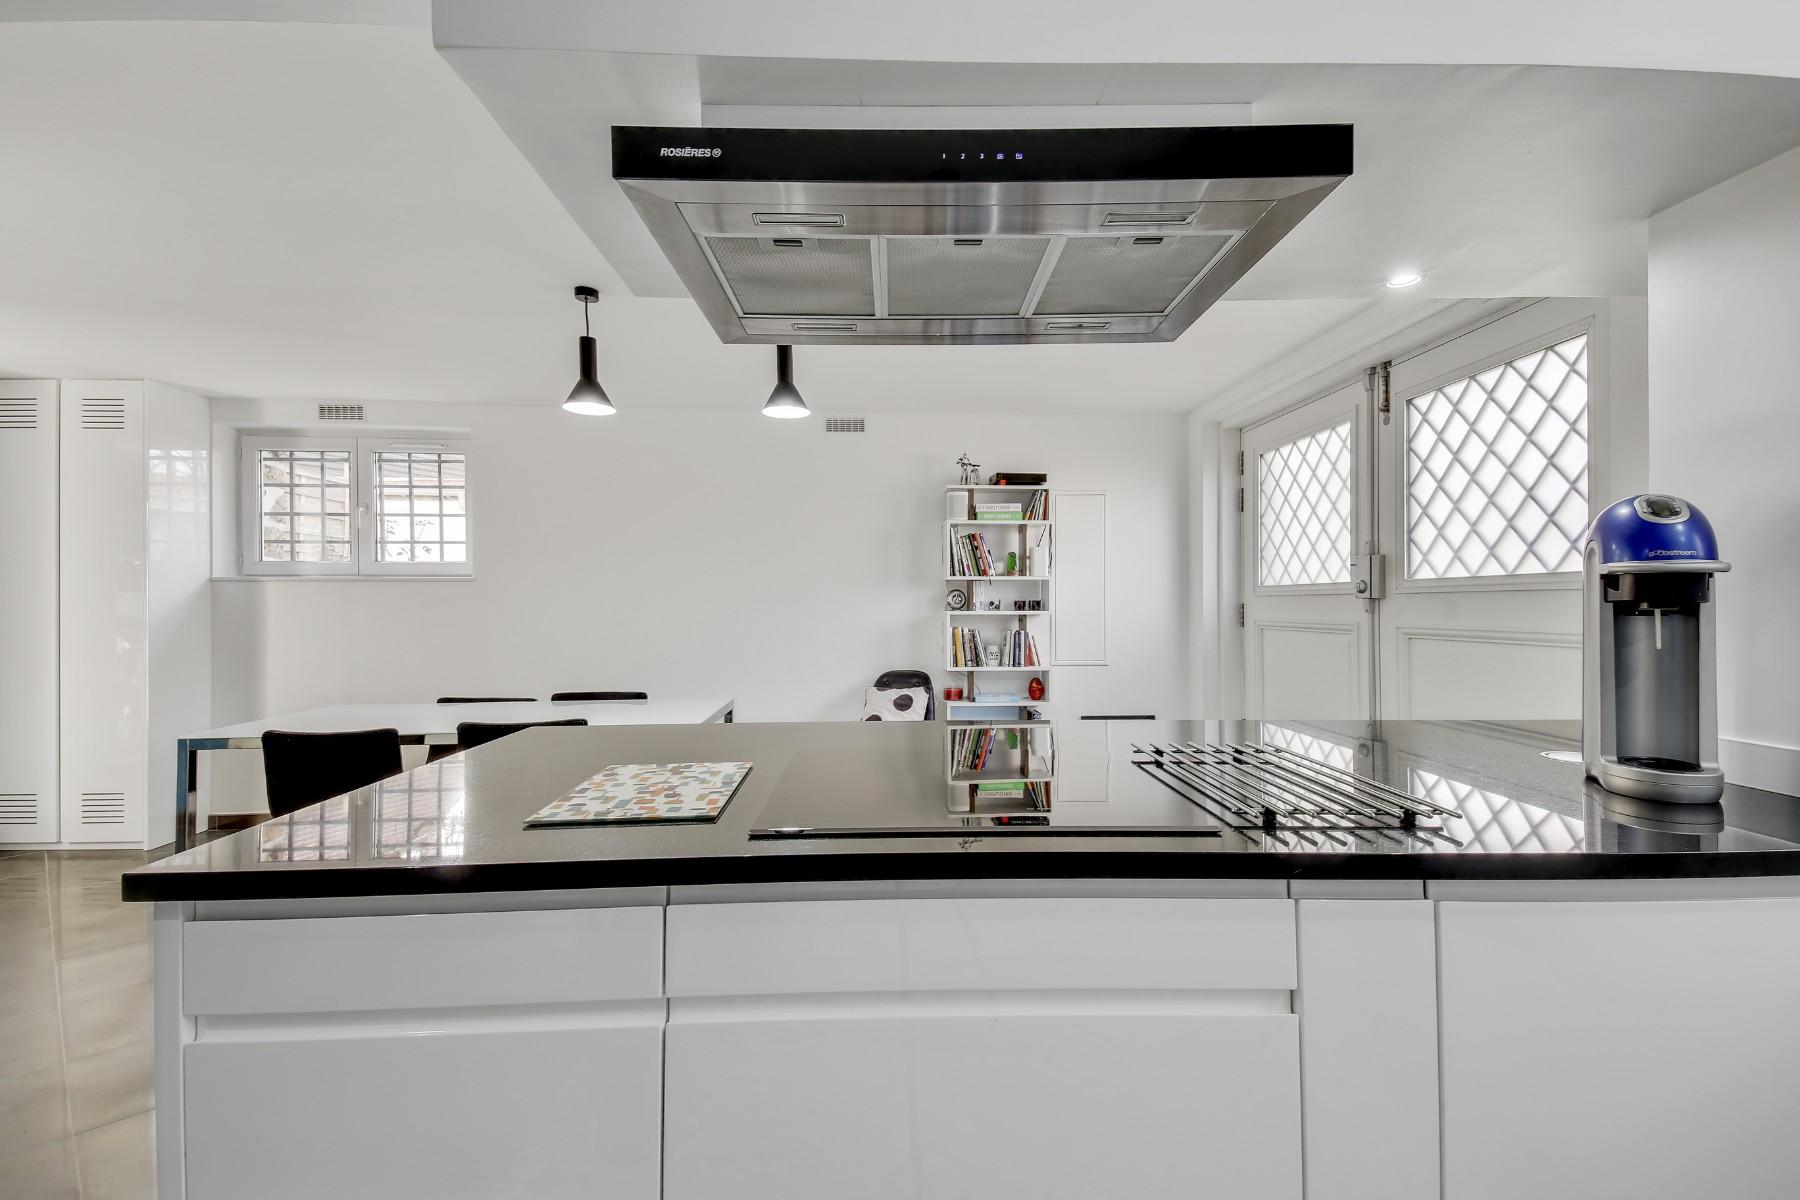 Cuisine rénovée par un architecte Archibien